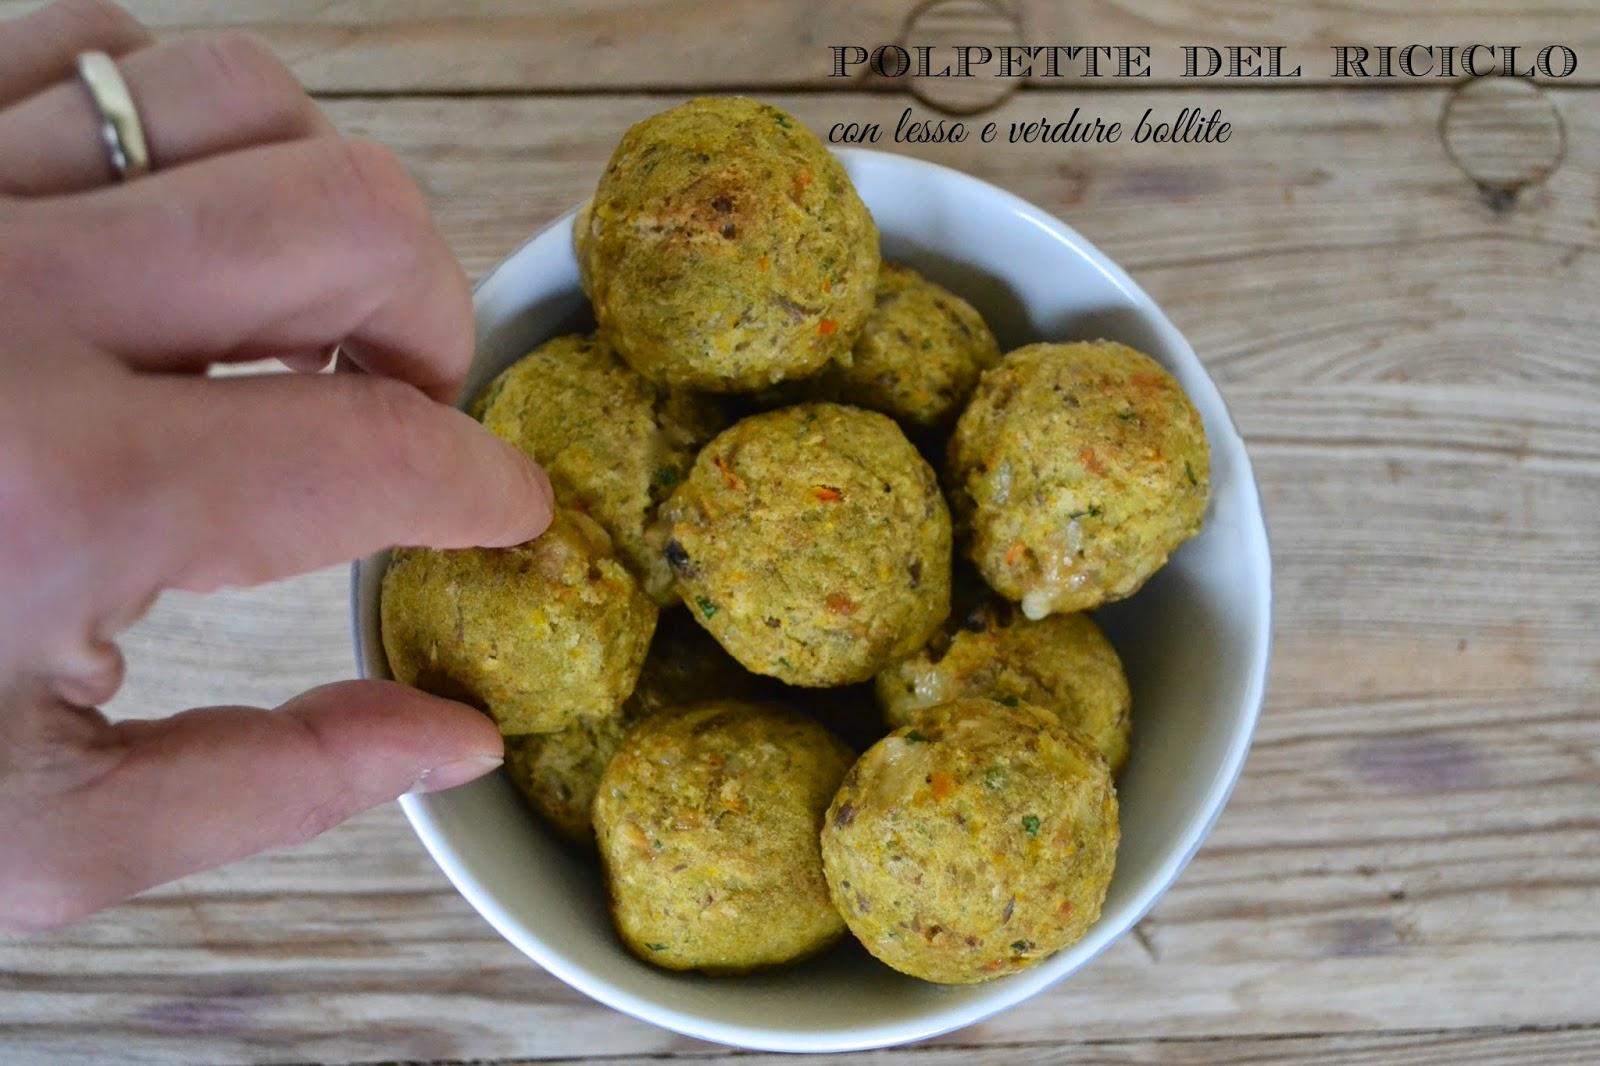 Ricetta polpette con verdure e bollito del riciclo